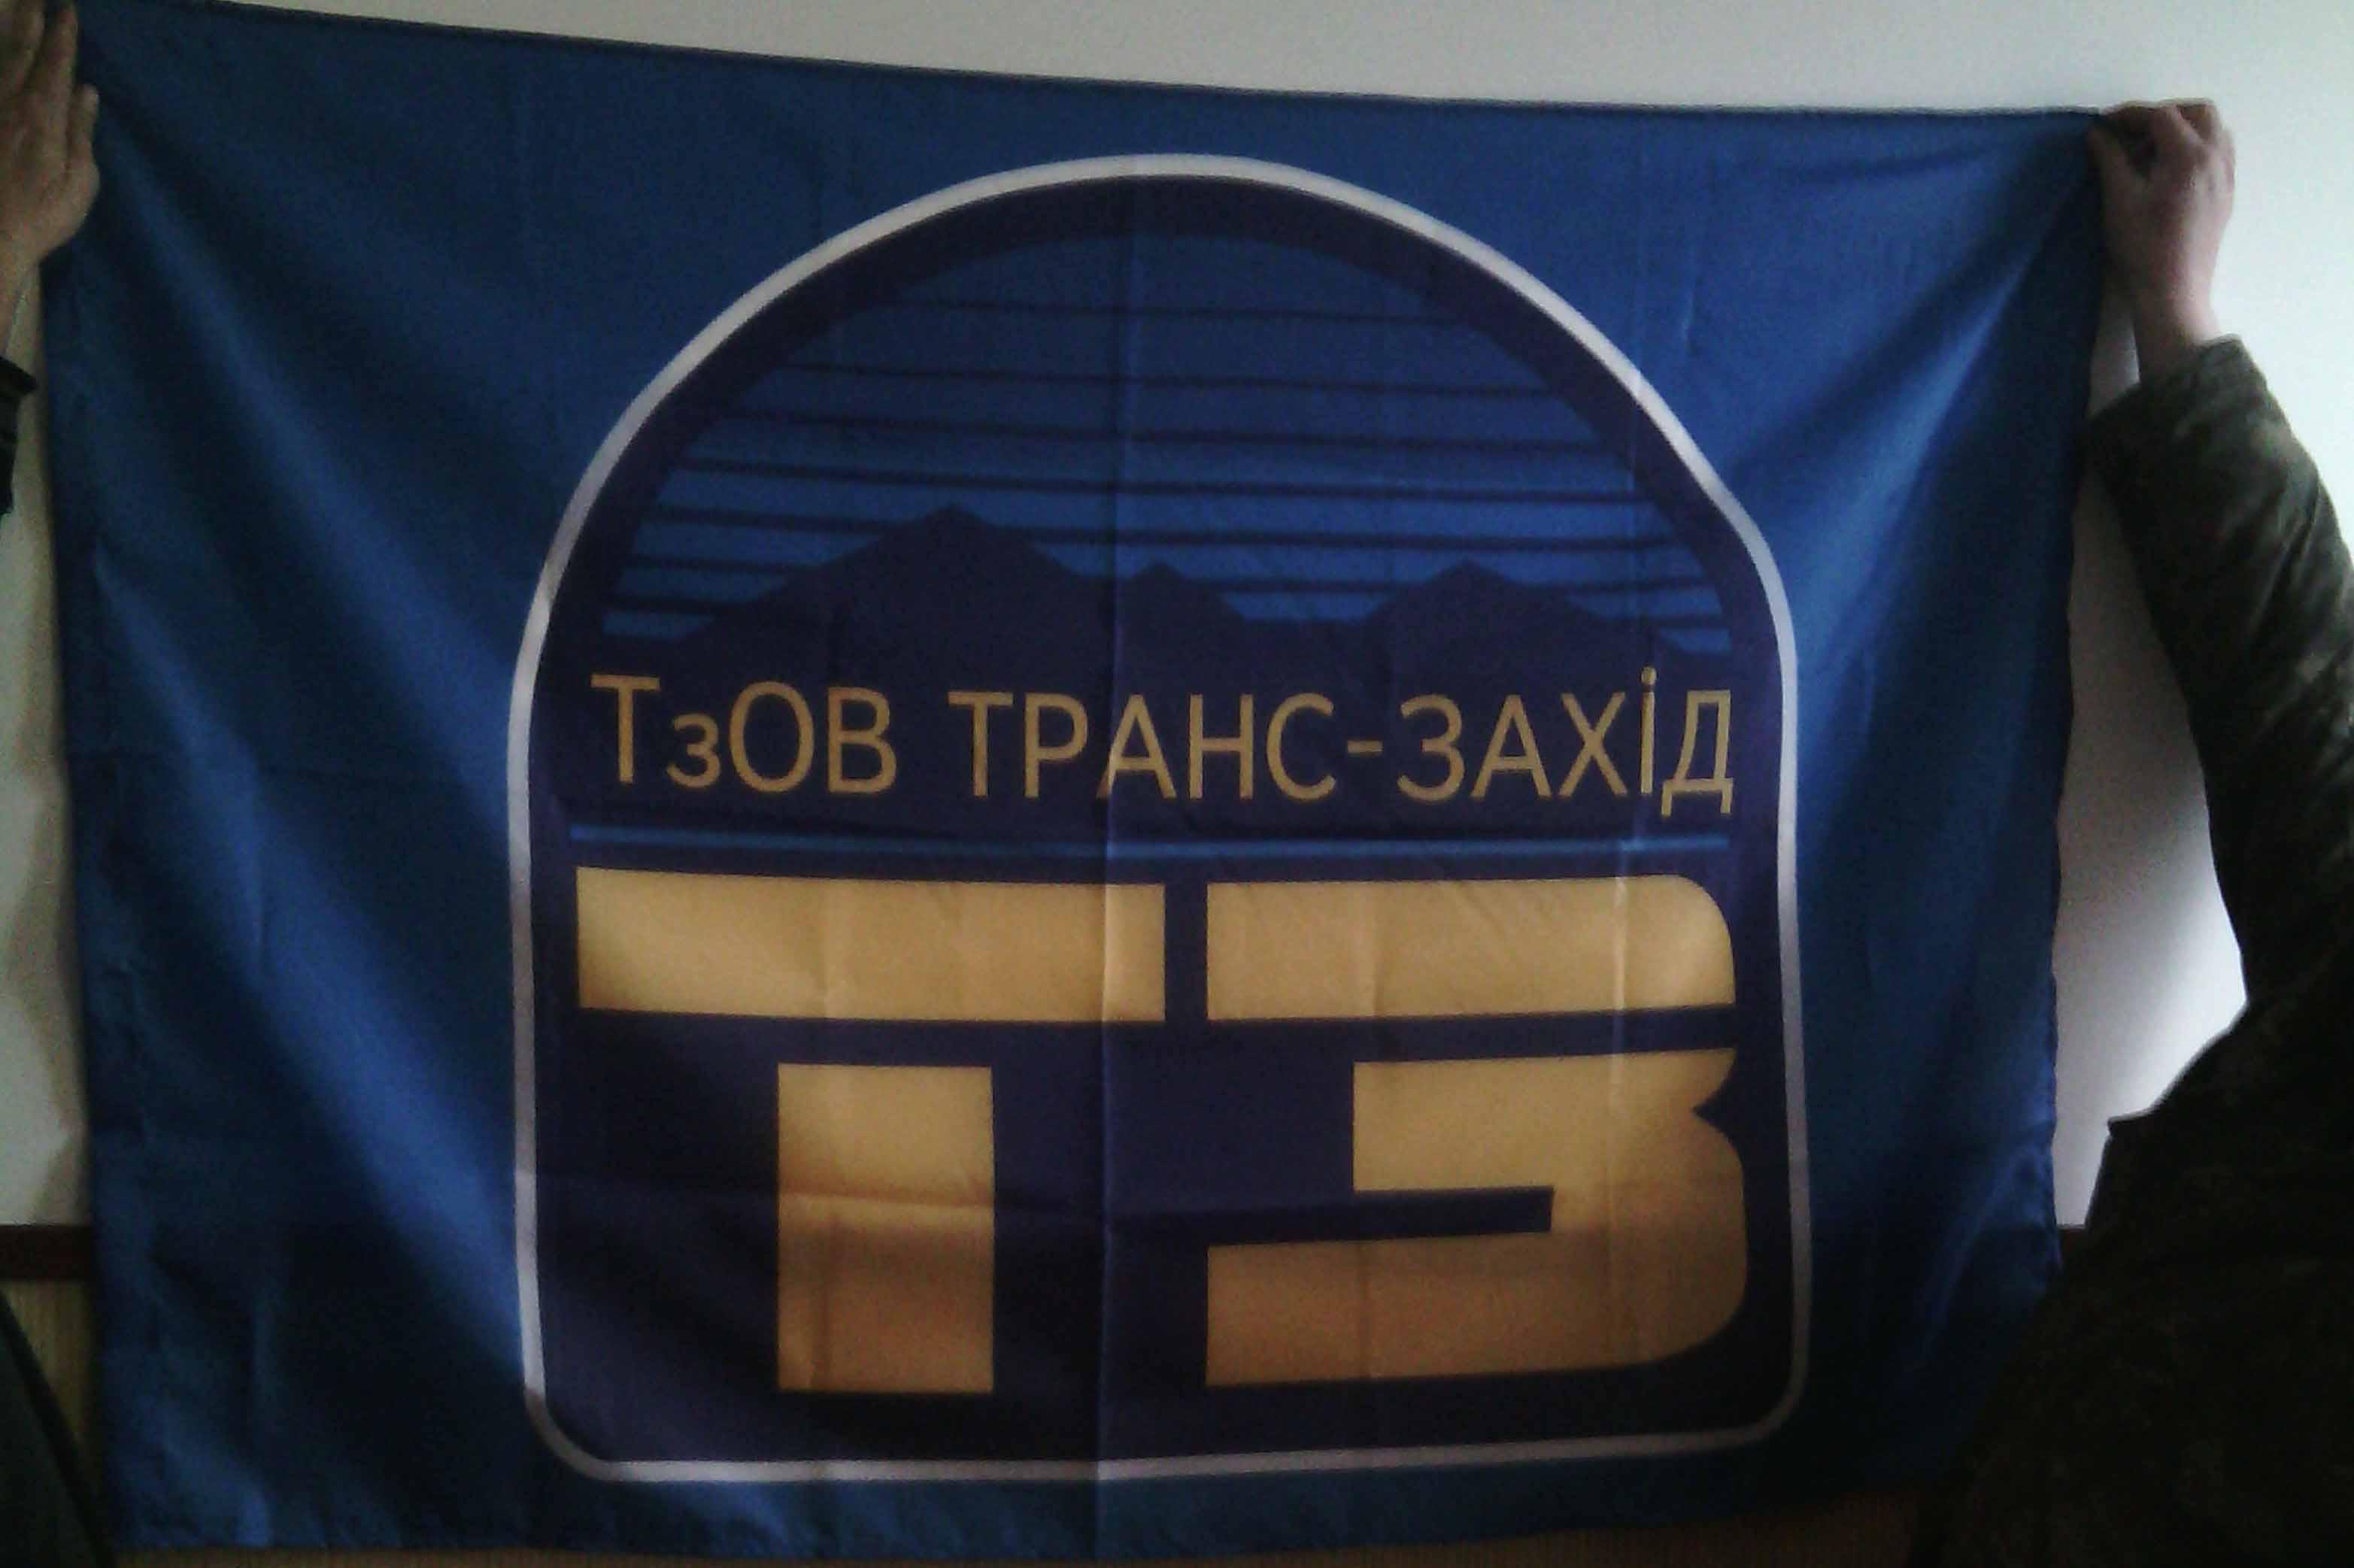 Друк прапорів ТЗ